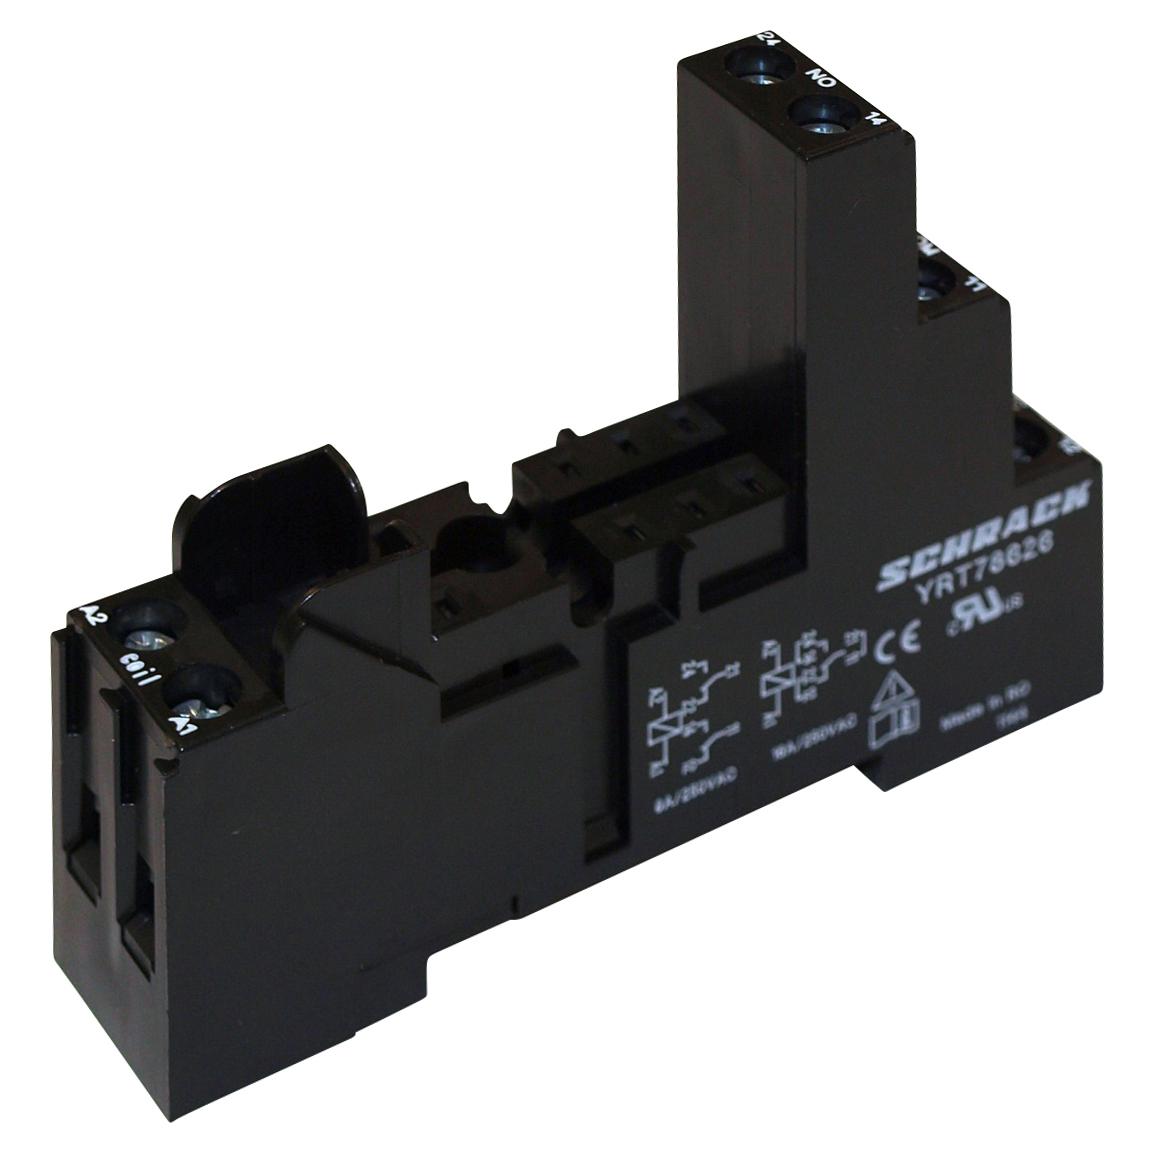 1 Stk Steckfassung mit Schraubanschlüssen Pinning 5mm schnappbar YRT78626--